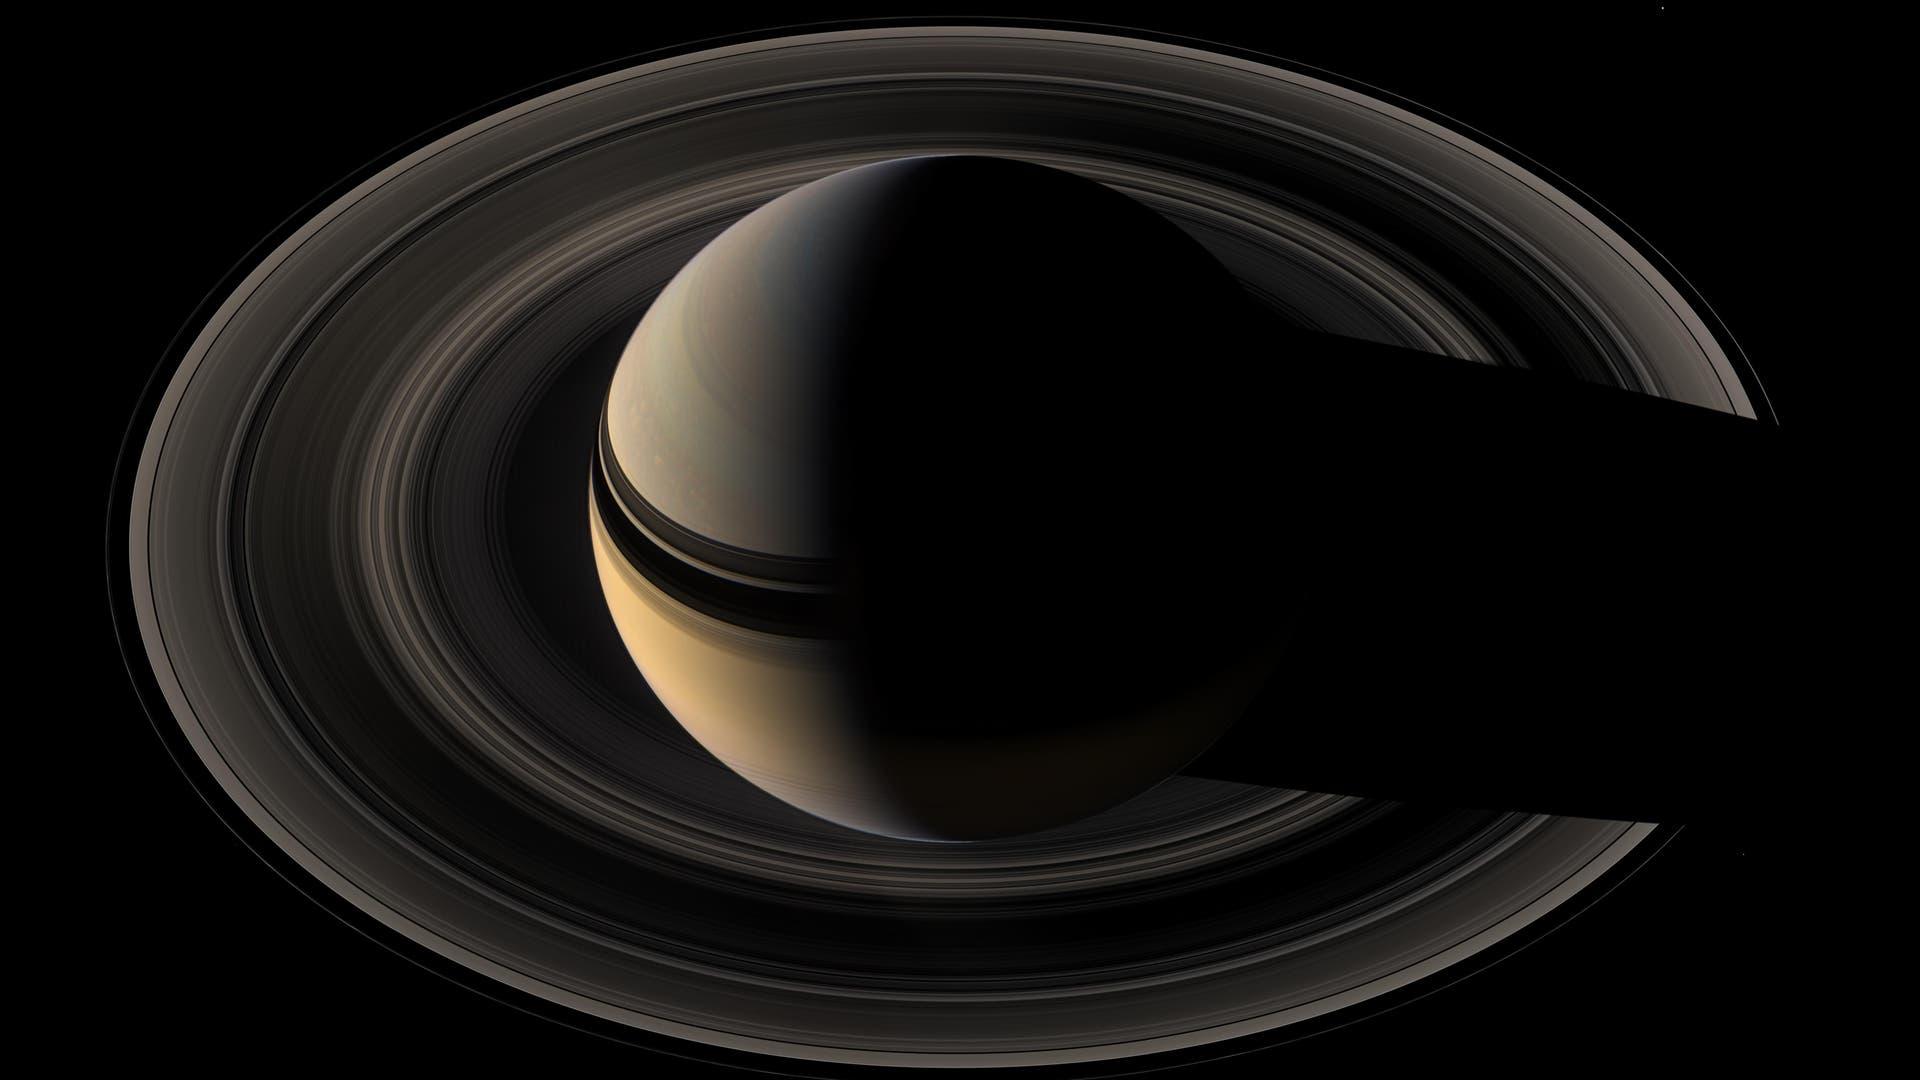 Die Raumsonde Cassini ist am 15. September 2017 planmäßig auf den Saturn gestürzt. Bis dahin hatte die Mission mehr als ein Jahrzehnt lang einzigartige Aufnahmen und Daten vom Ringplaneten übertragen. Damit hat sie unser Bild von dem Gasriesen und seinen Begleitern revolutioniert.